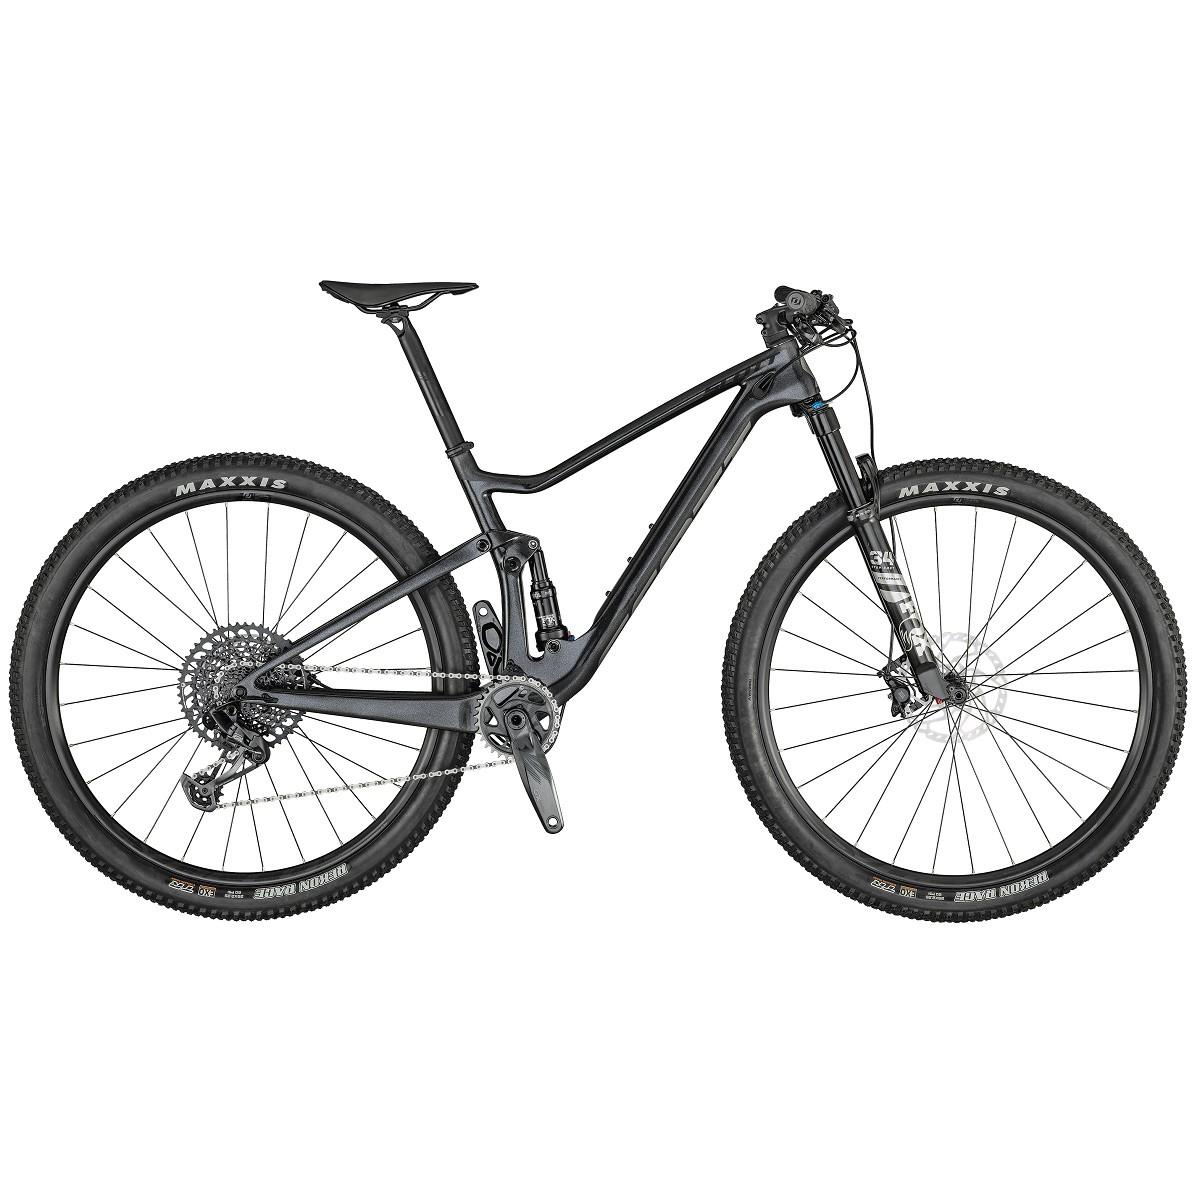 Bicicleta Scott Spark RC900 Team (lançamento 2021)